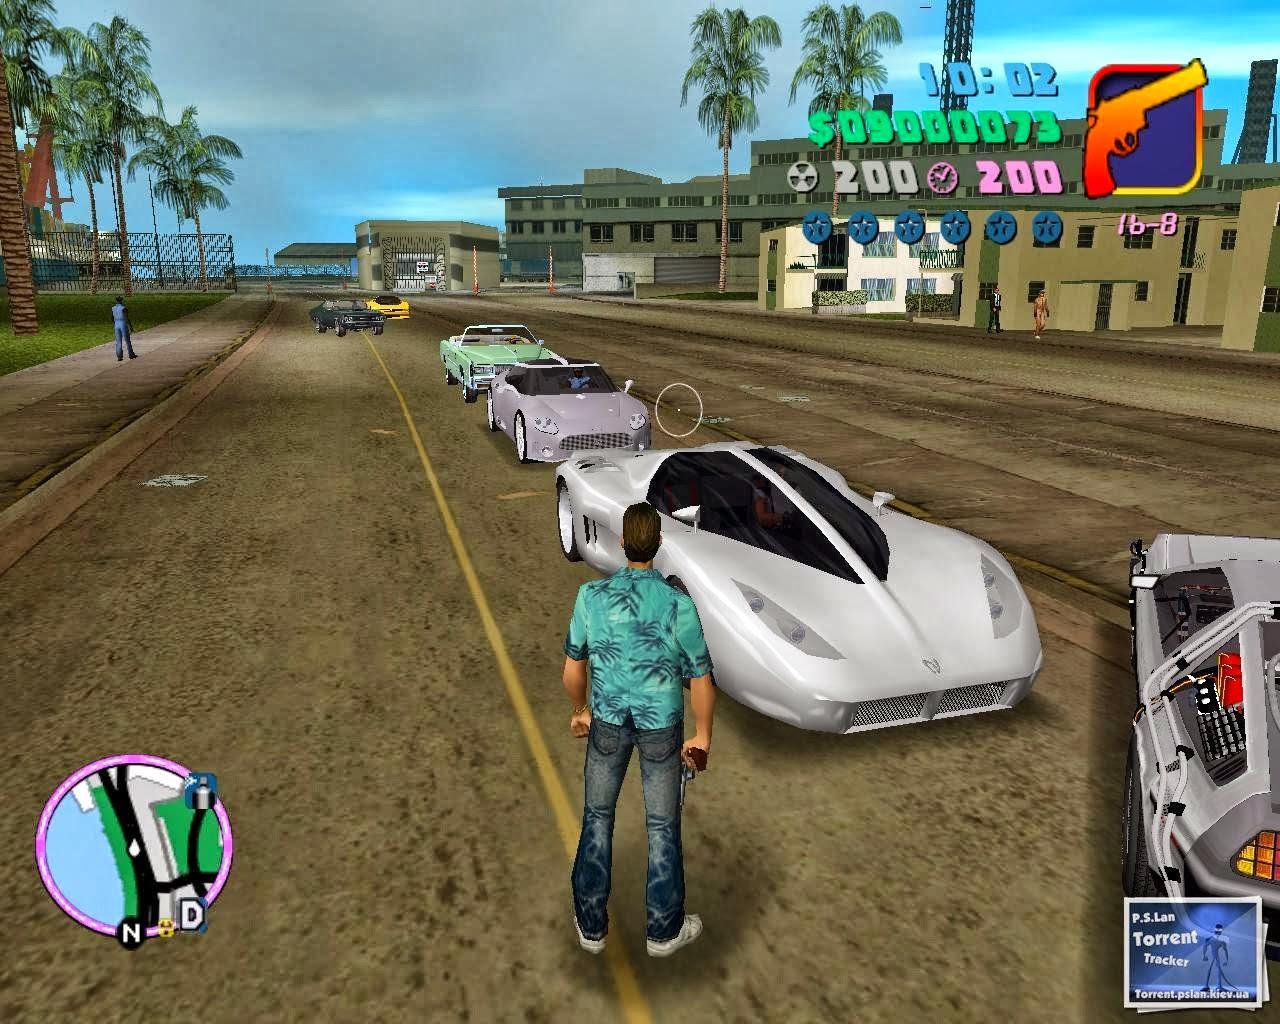 تحميل لعبة جاتا 8 GTA للكمبيوتر من ميديا فاير مضغوطة مجانية